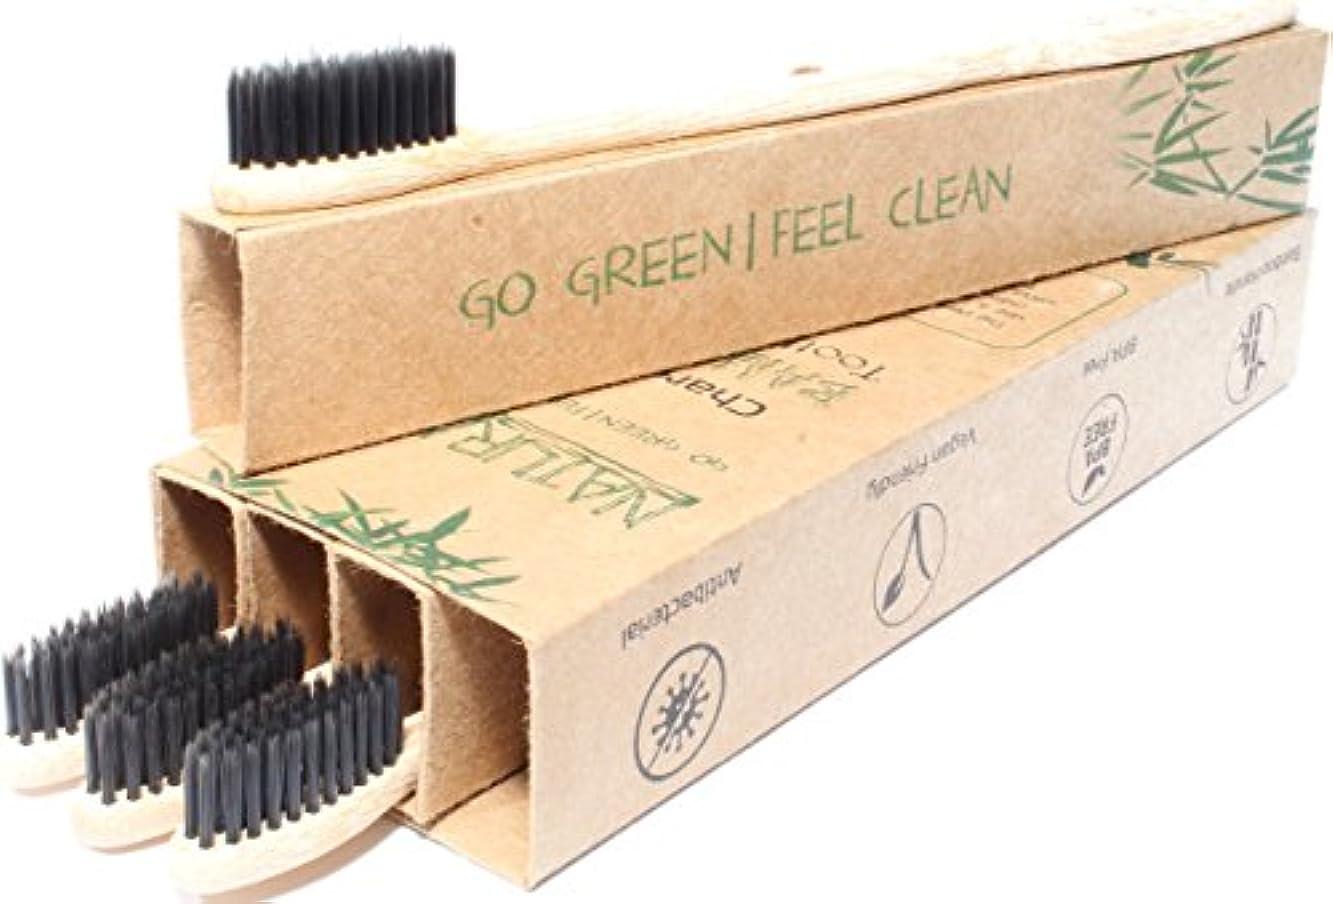 ピアノを弾く怖がらせるかけがえのないNatural Alt Bamboo Charcoal Toothbrush - 4 Pack, Eco Friendly, Biodegradable, 100% Vegan With Amazing Teeth Whitening...